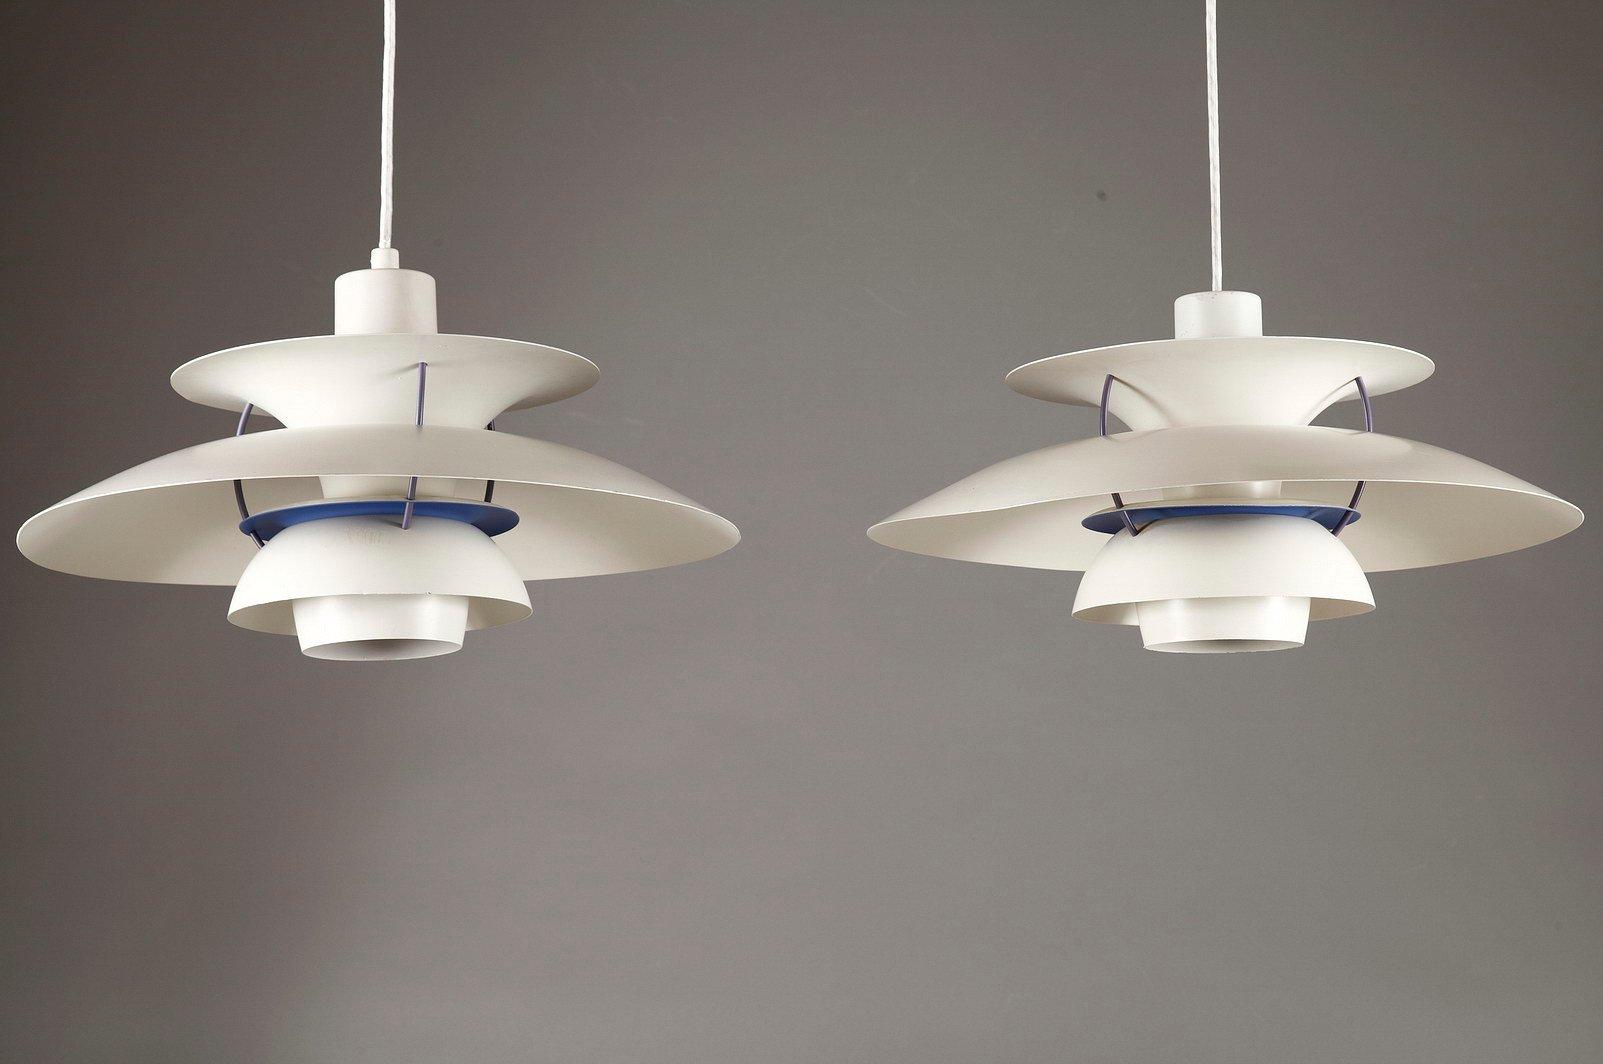 lampe suspension ph 5 par poul henningsen pour louis poulsen en vente sur pamono. Black Bedroom Furniture Sets. Home Design Ideas